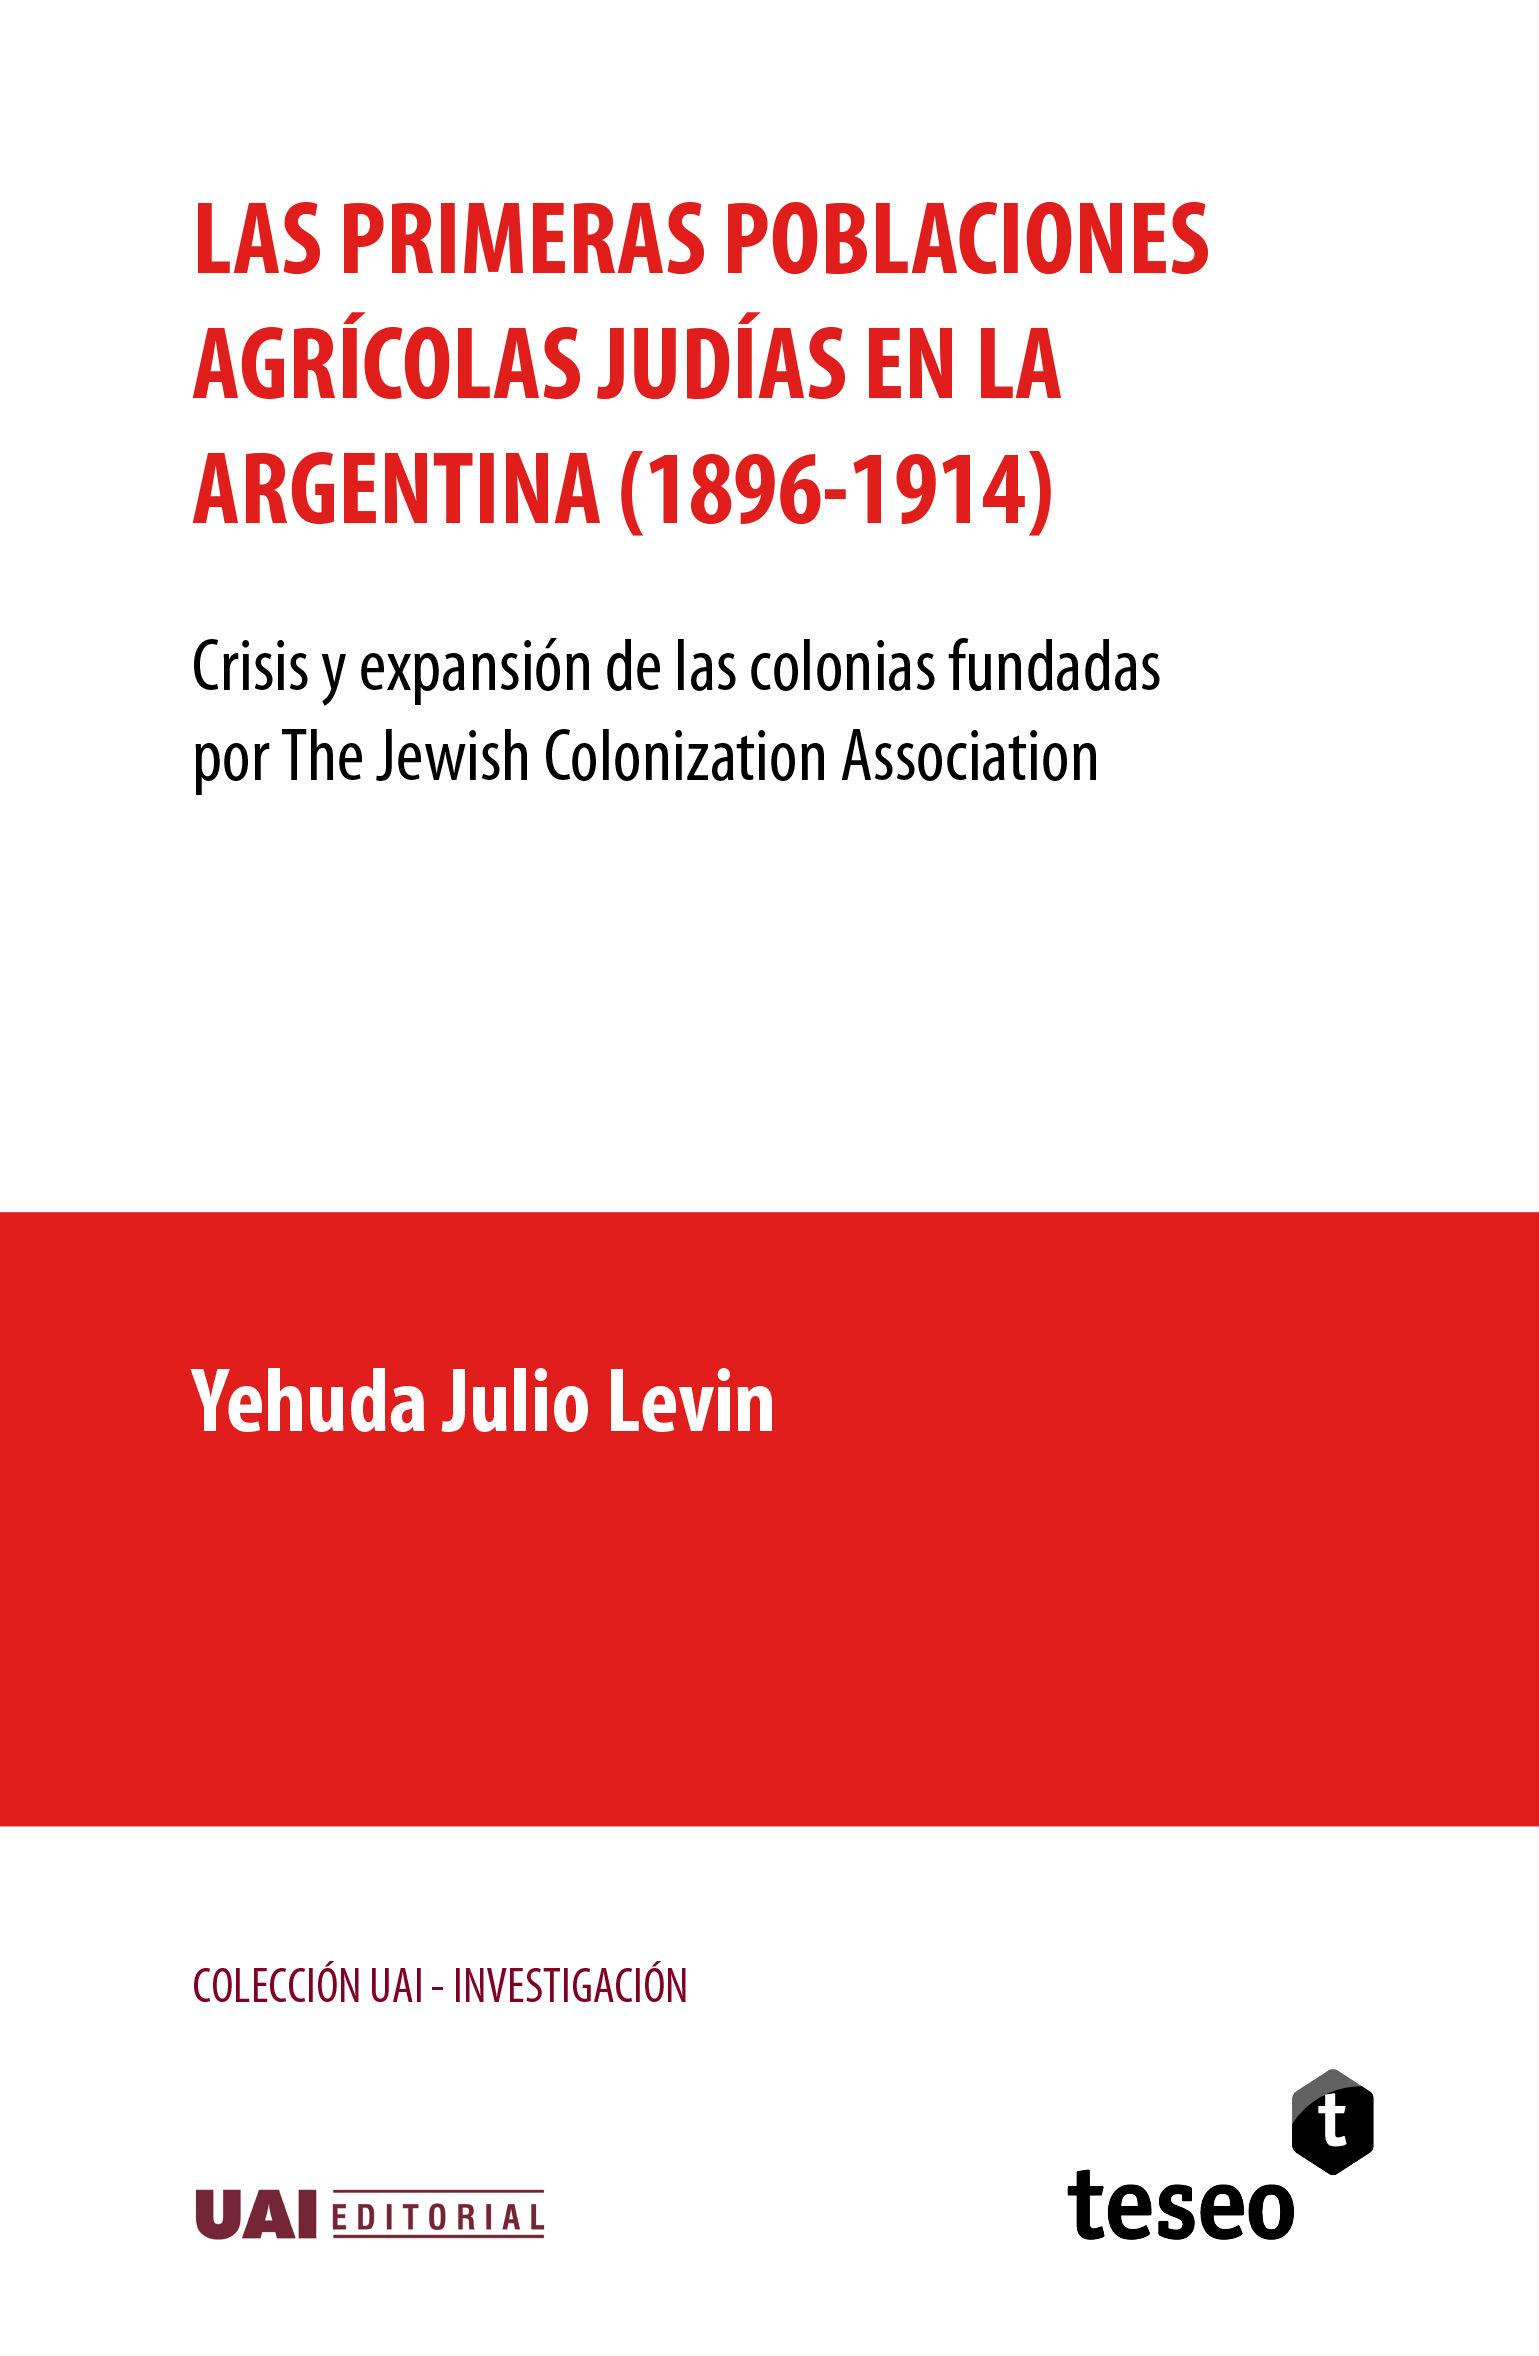 Las primeras poblaciones agrícolas judías en la Argentina (1896-1914)